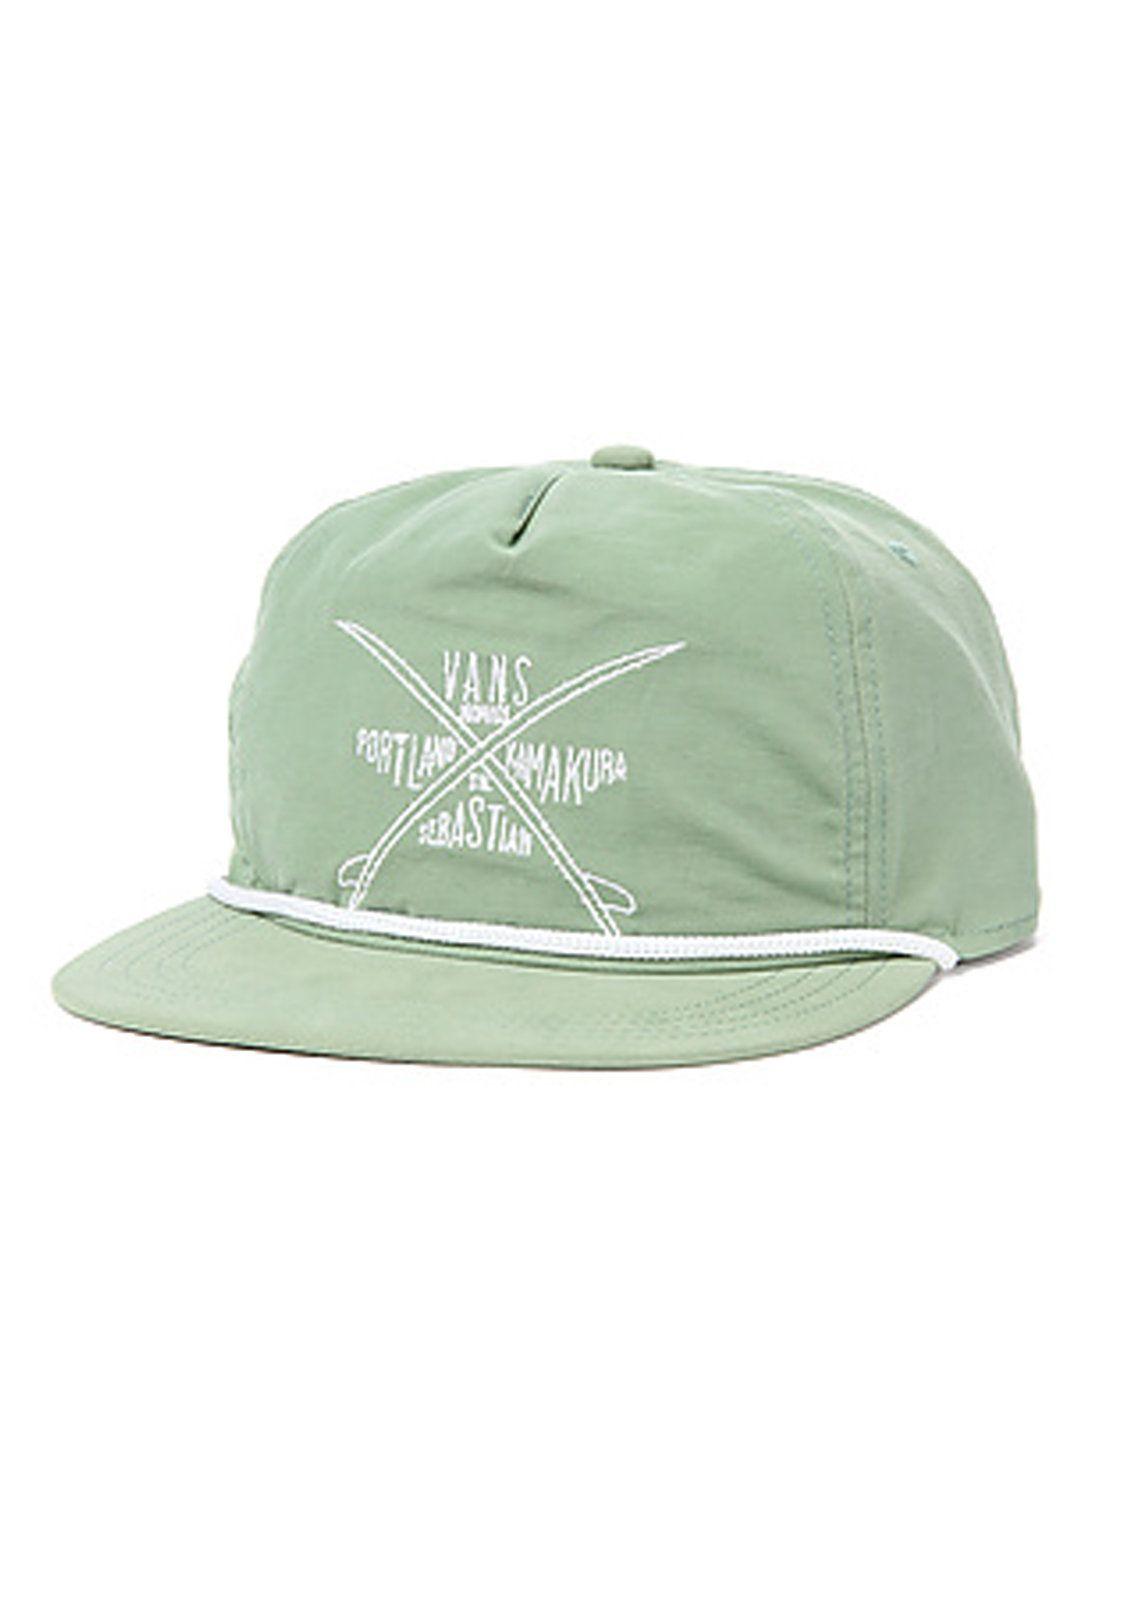 c688327f543003 Shop wanderer surf club hat vans on jacks surfboards jpg 1131x1604 Jacks  surf shop vans